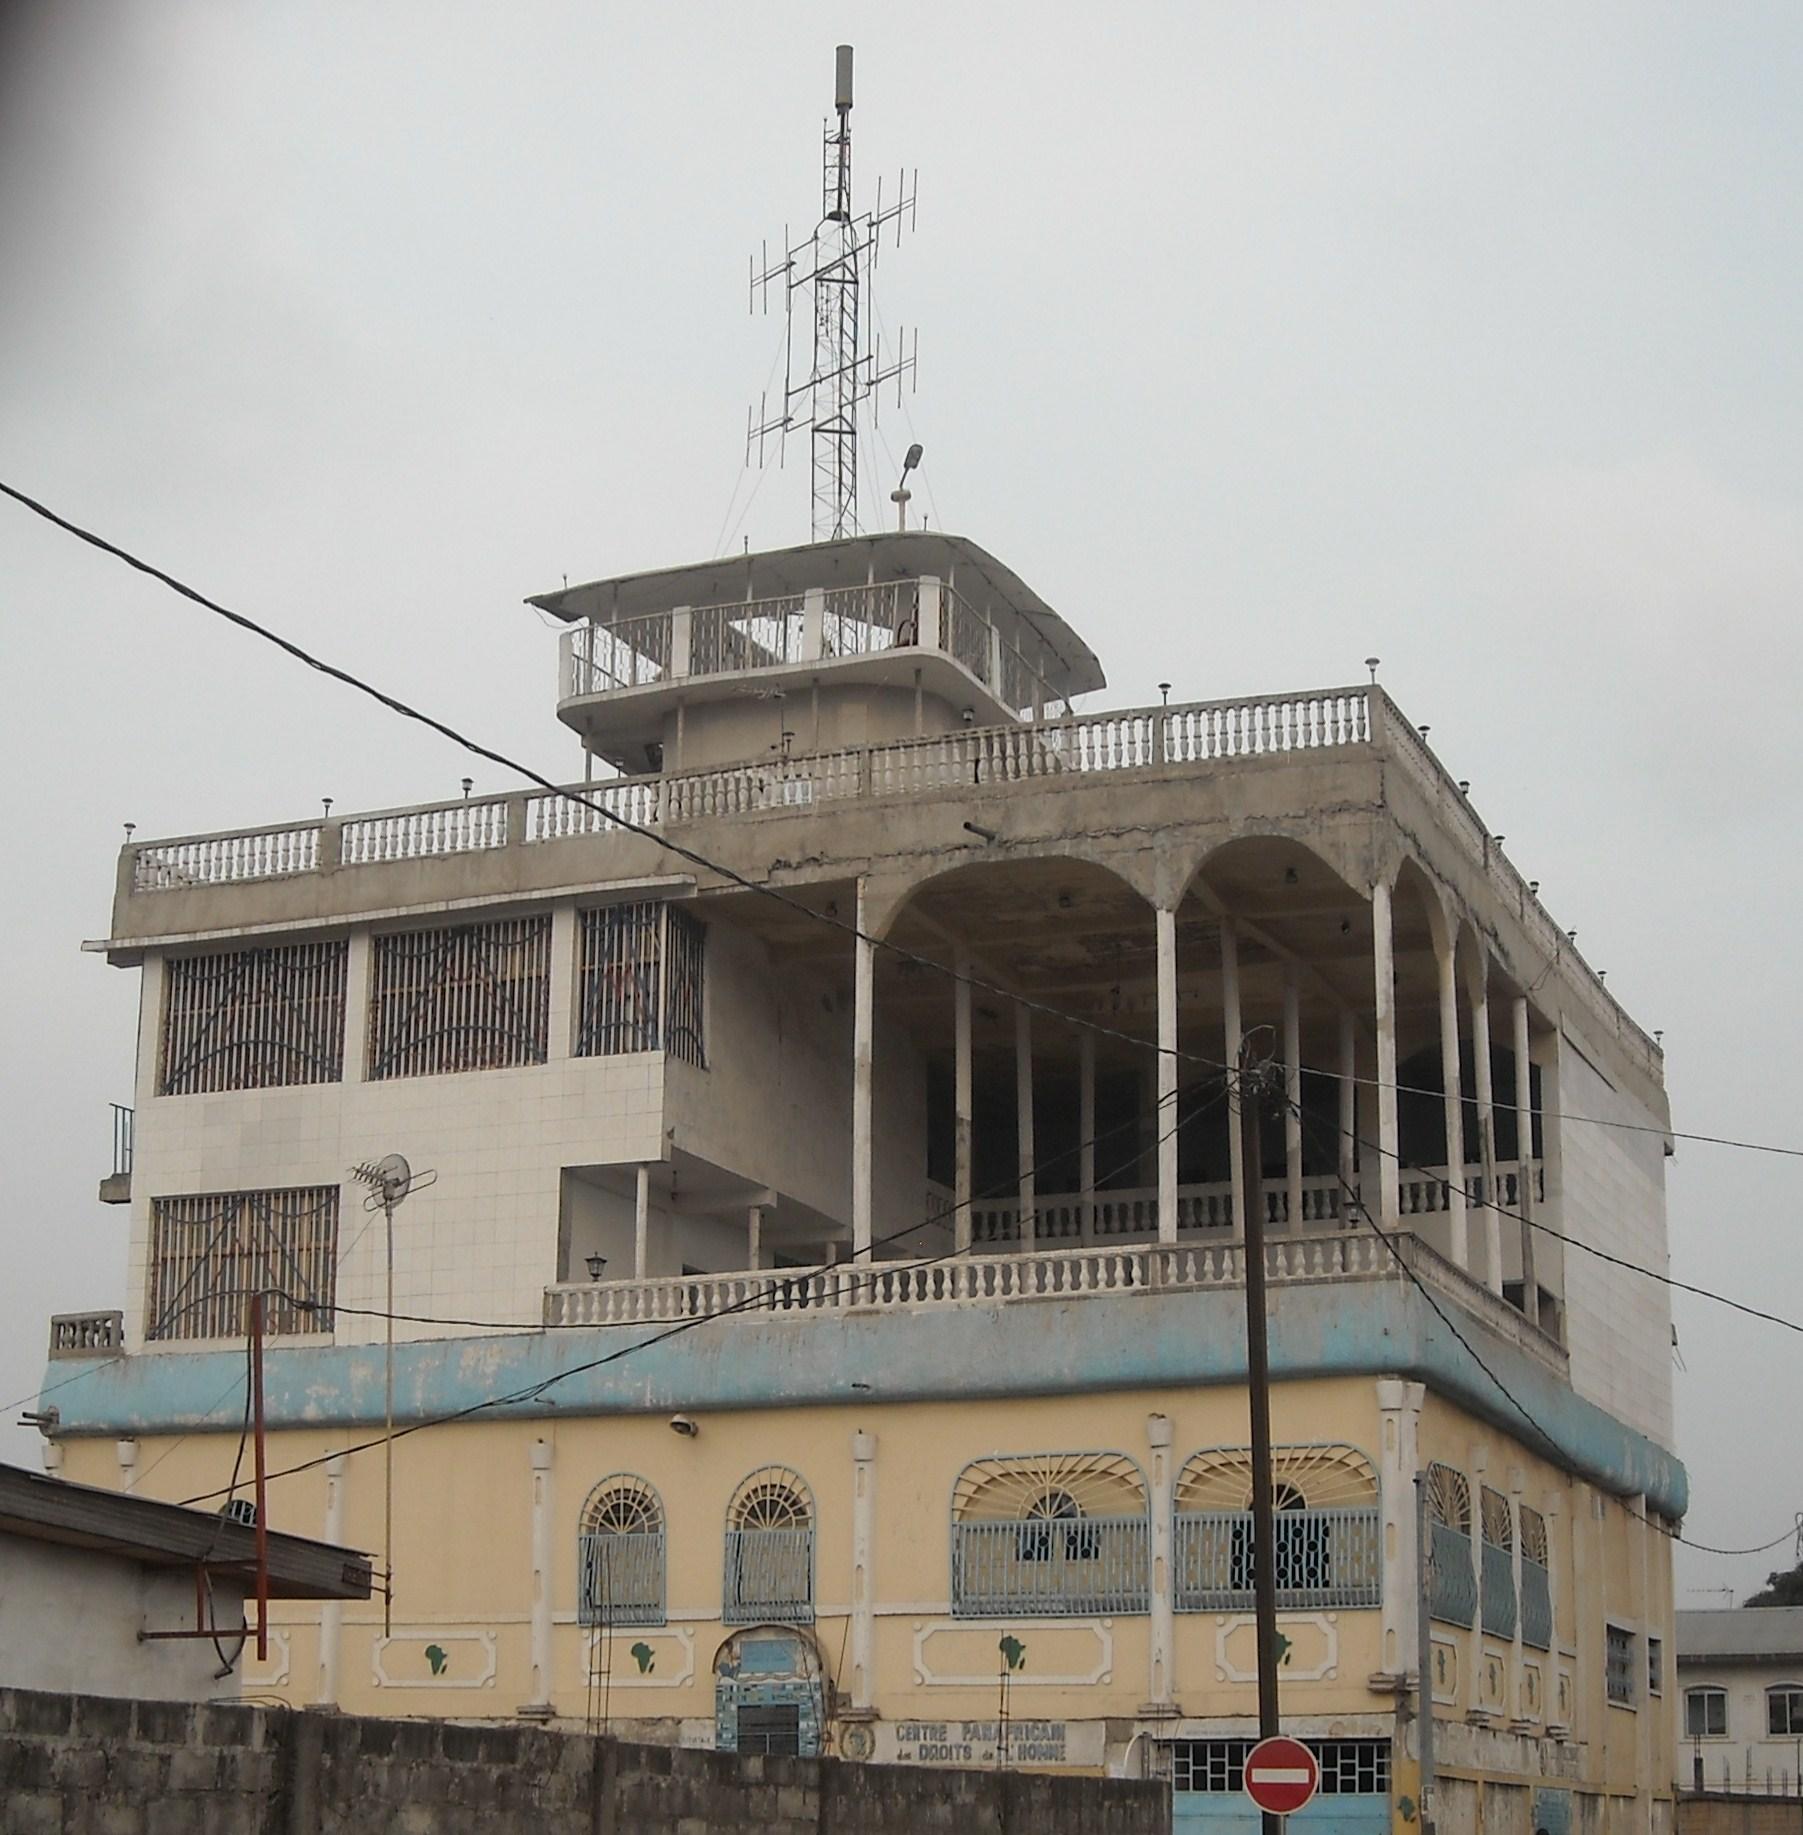 Le Centre Panafricain des Droits de l'Homme abrite le siège du réseau Forum Radio Télévision des Droits de l'Homme à Brazzaville (Violations des Droits de l'Homme en Afrique et dans le monde)